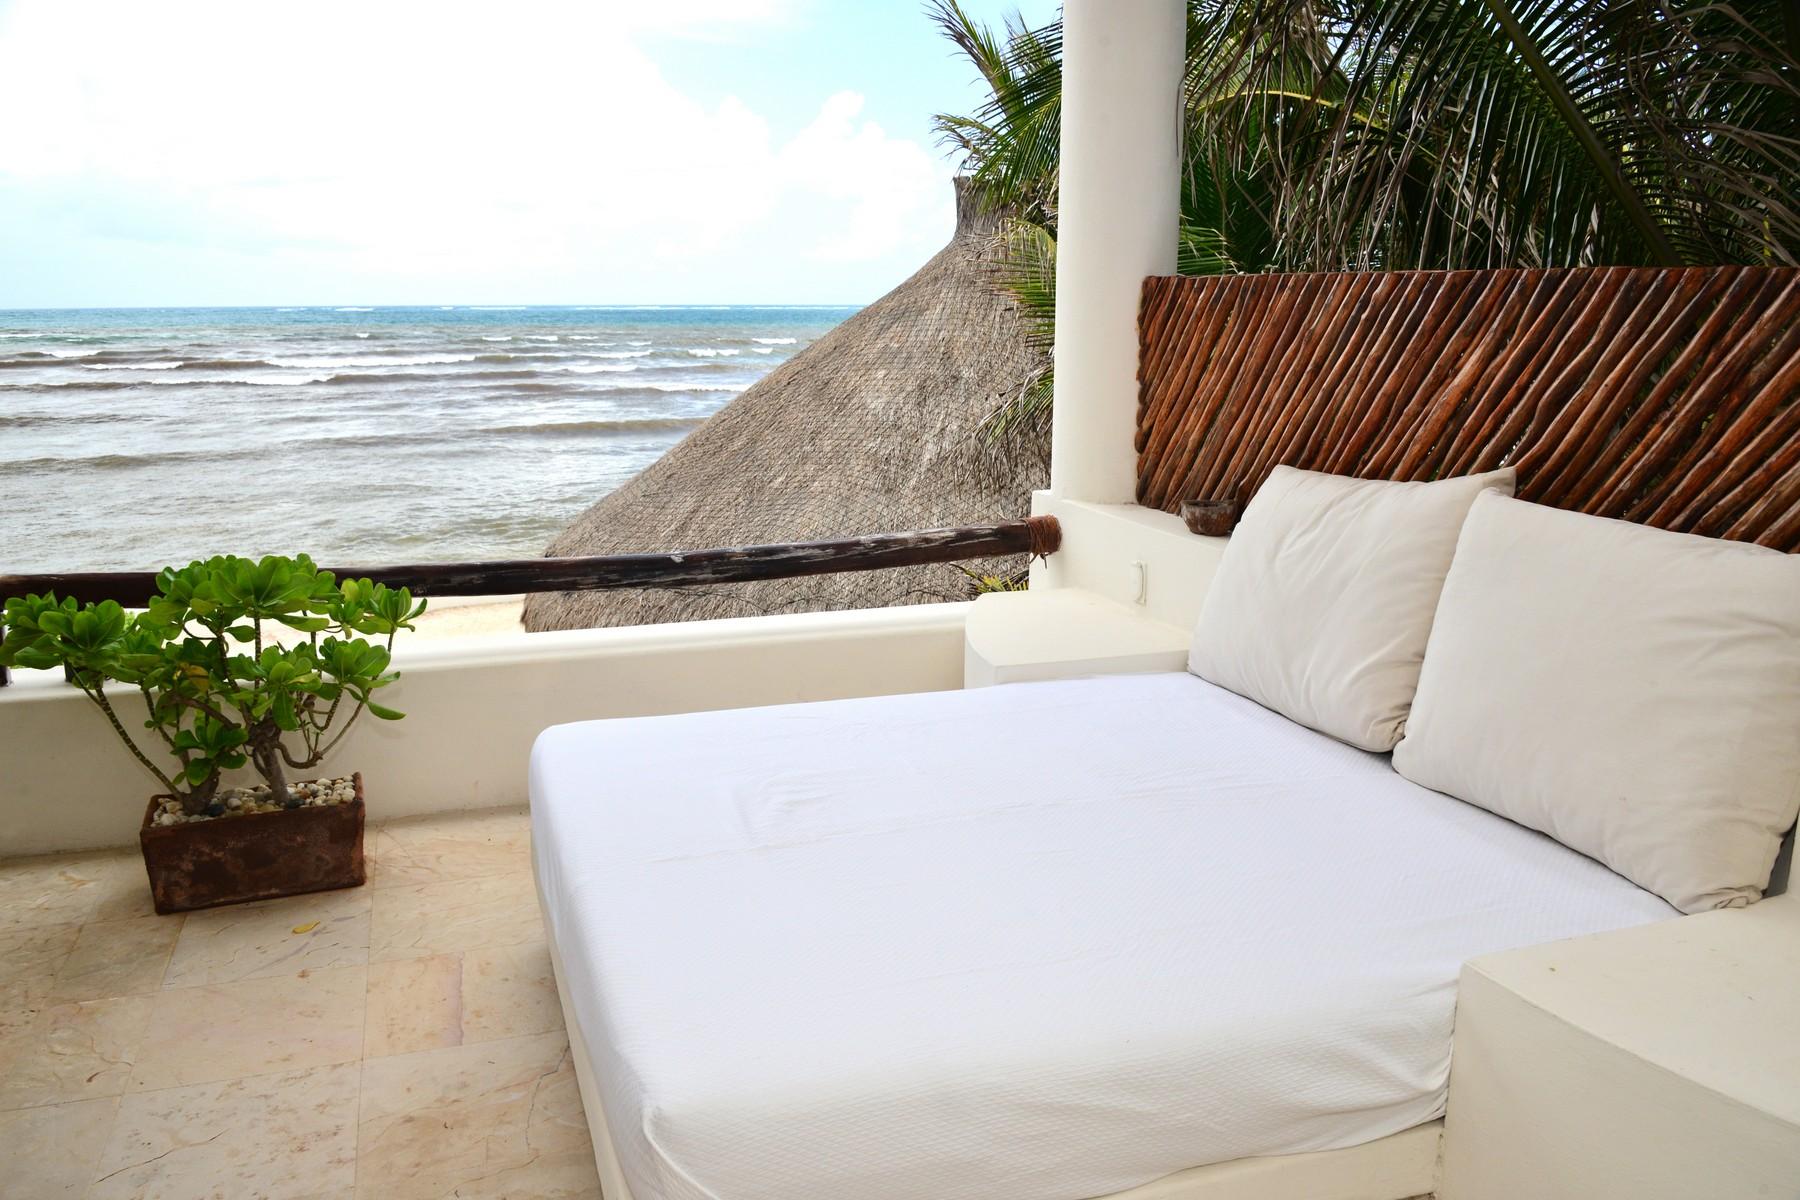 Additional photo for property listing at SEAFRONT PARADISE UNIT #201 Seafront Paradise – Unit #201 Predio Maria Irene, Supermzna 12, Mzna 21 13 Puerto Morelos, Quintana Roo 77930 Mexico